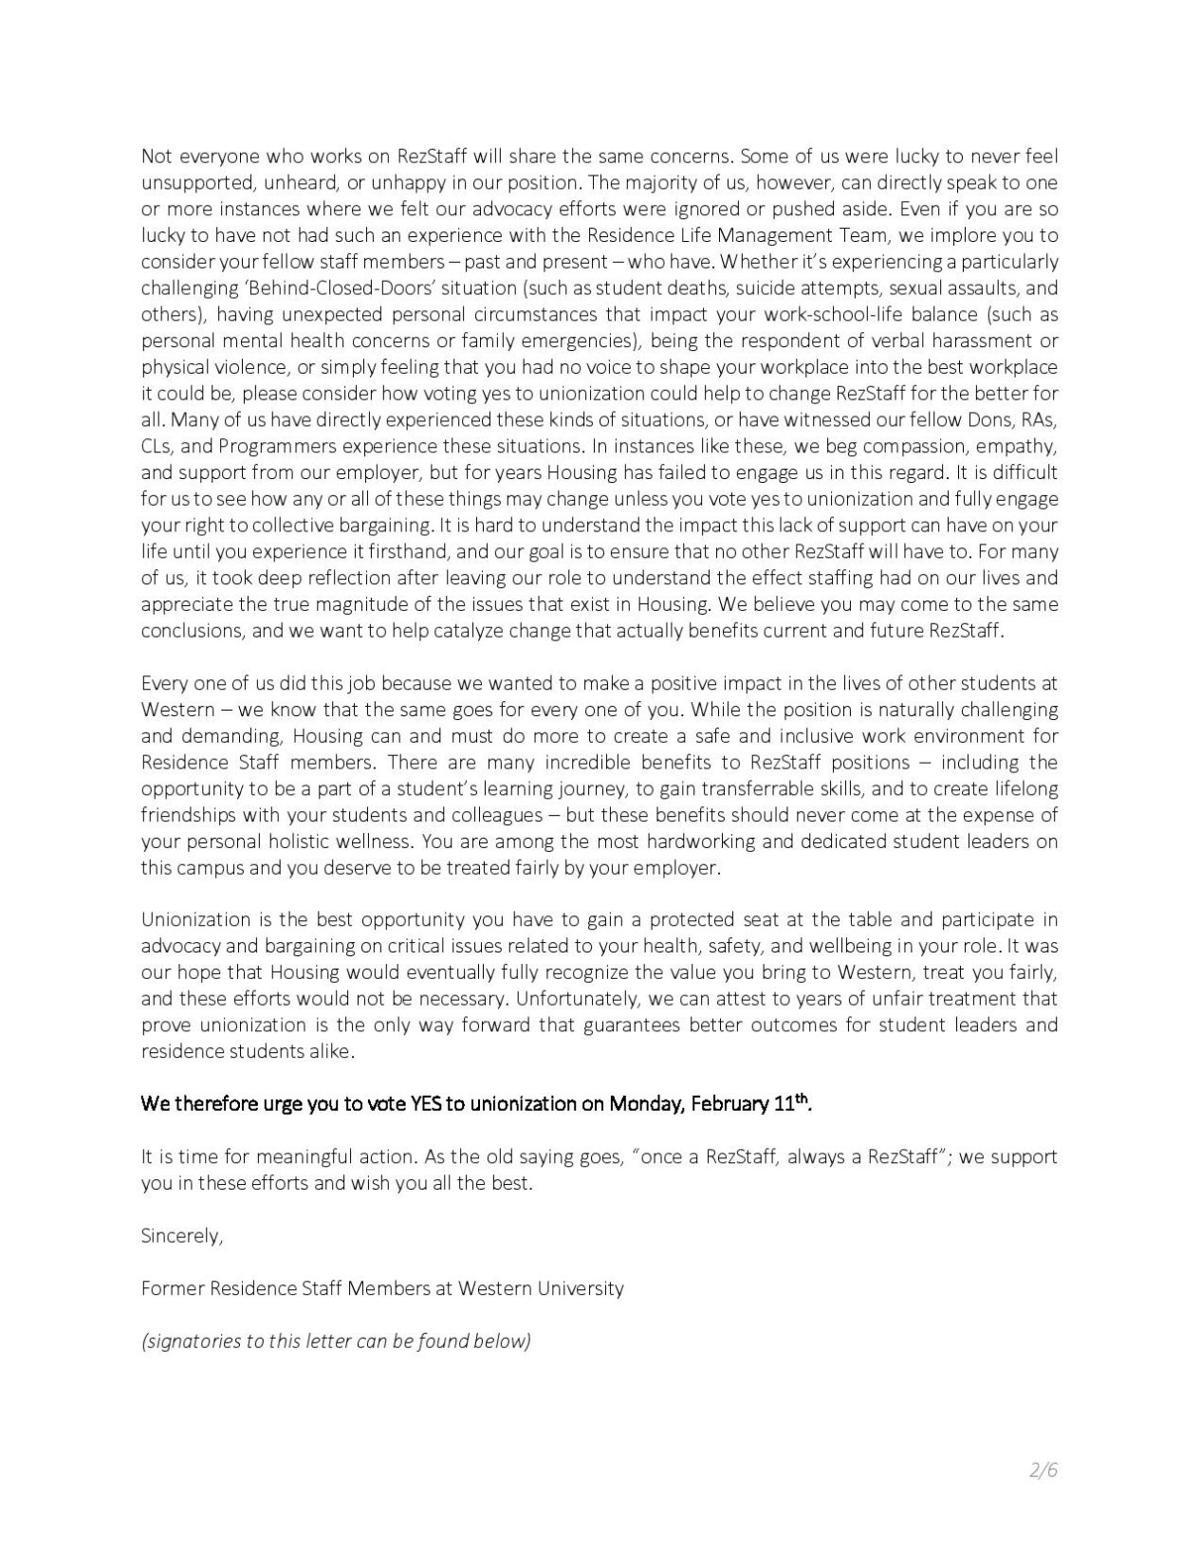 Rez staff letter (Photo 2)